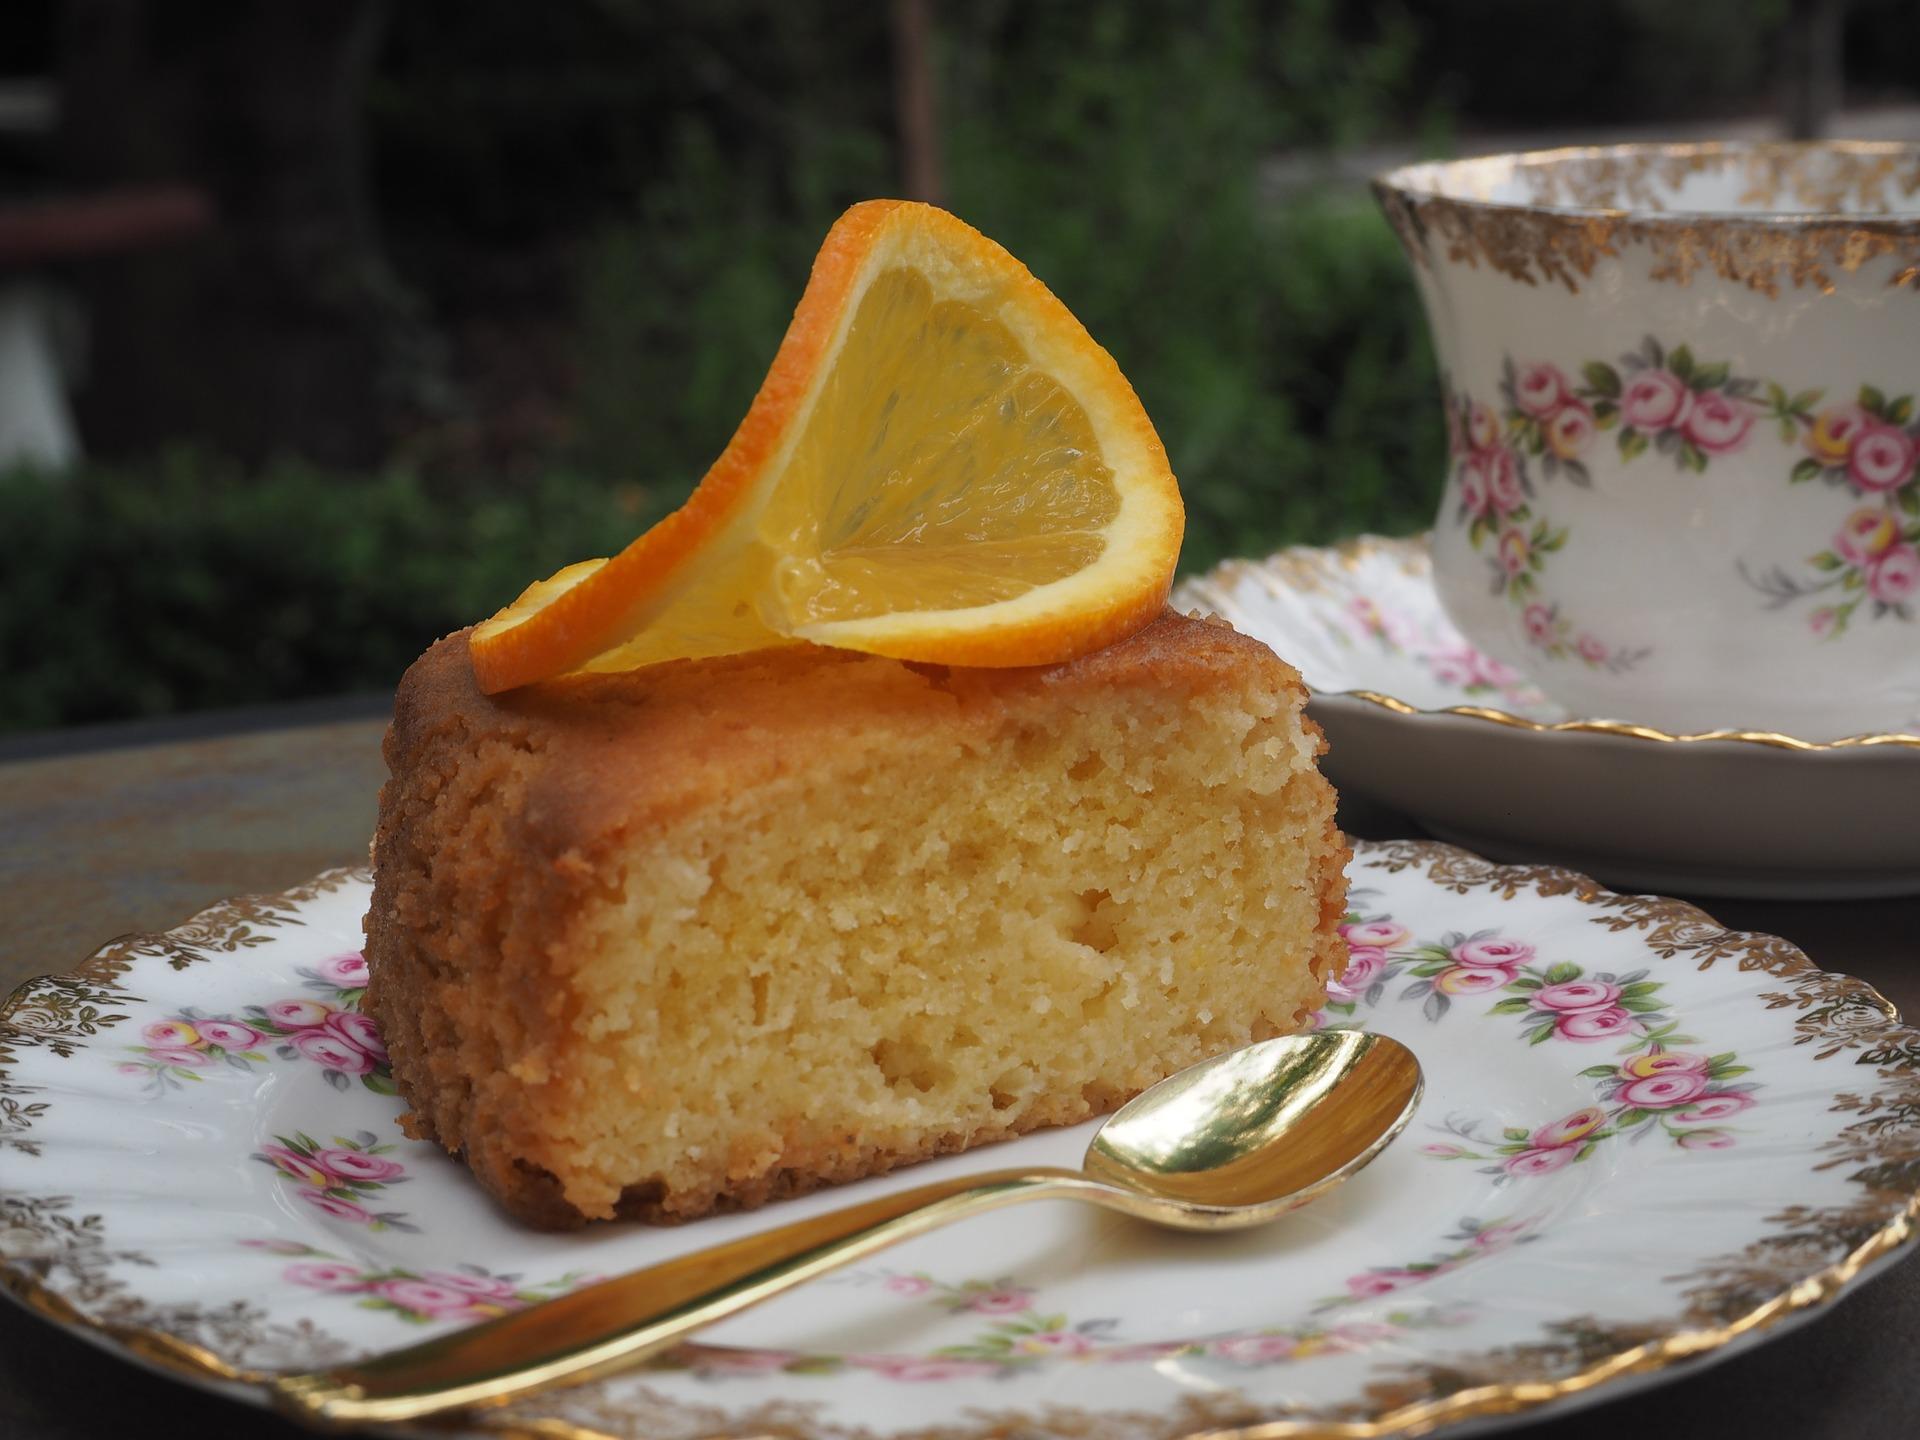 Torta all'arancia senza uova e burro con yogurt